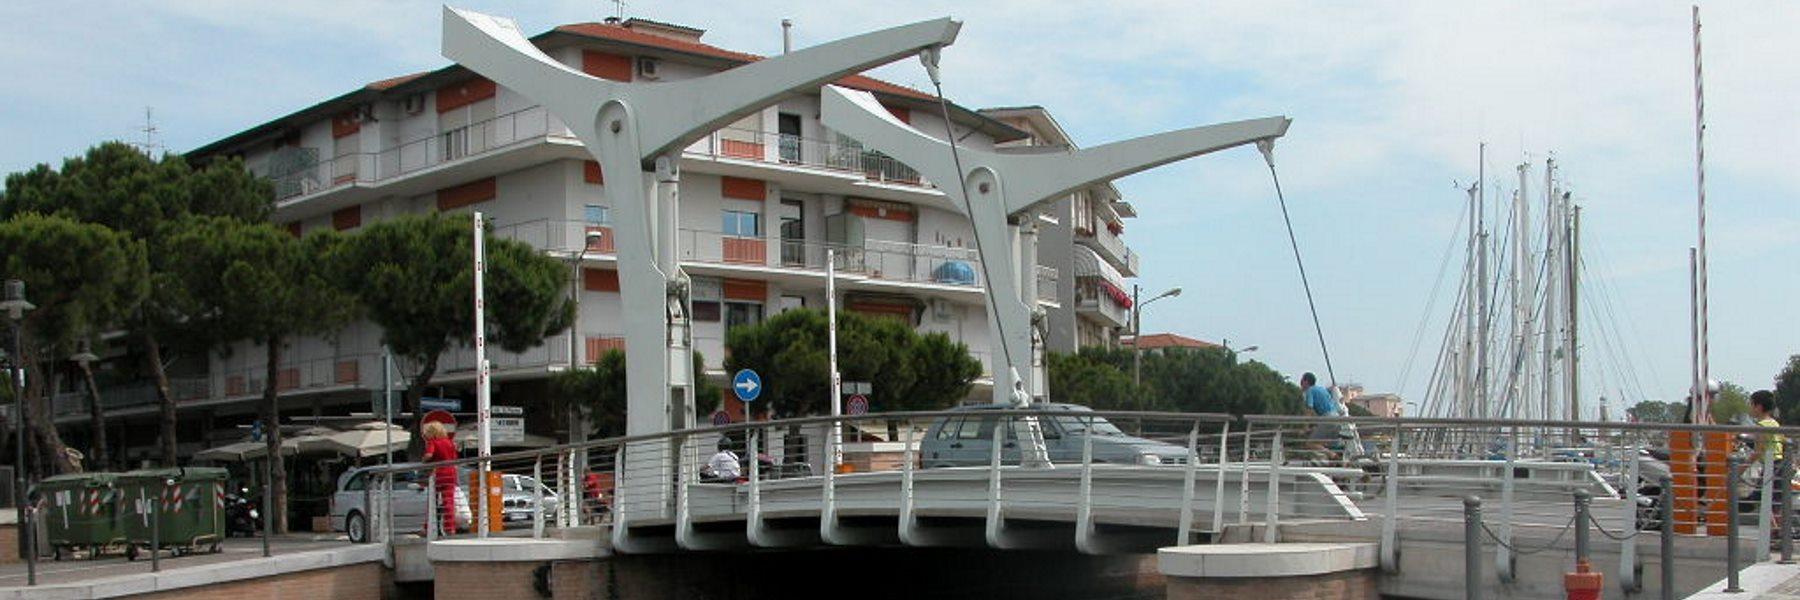 Le Pont delle Paratoie